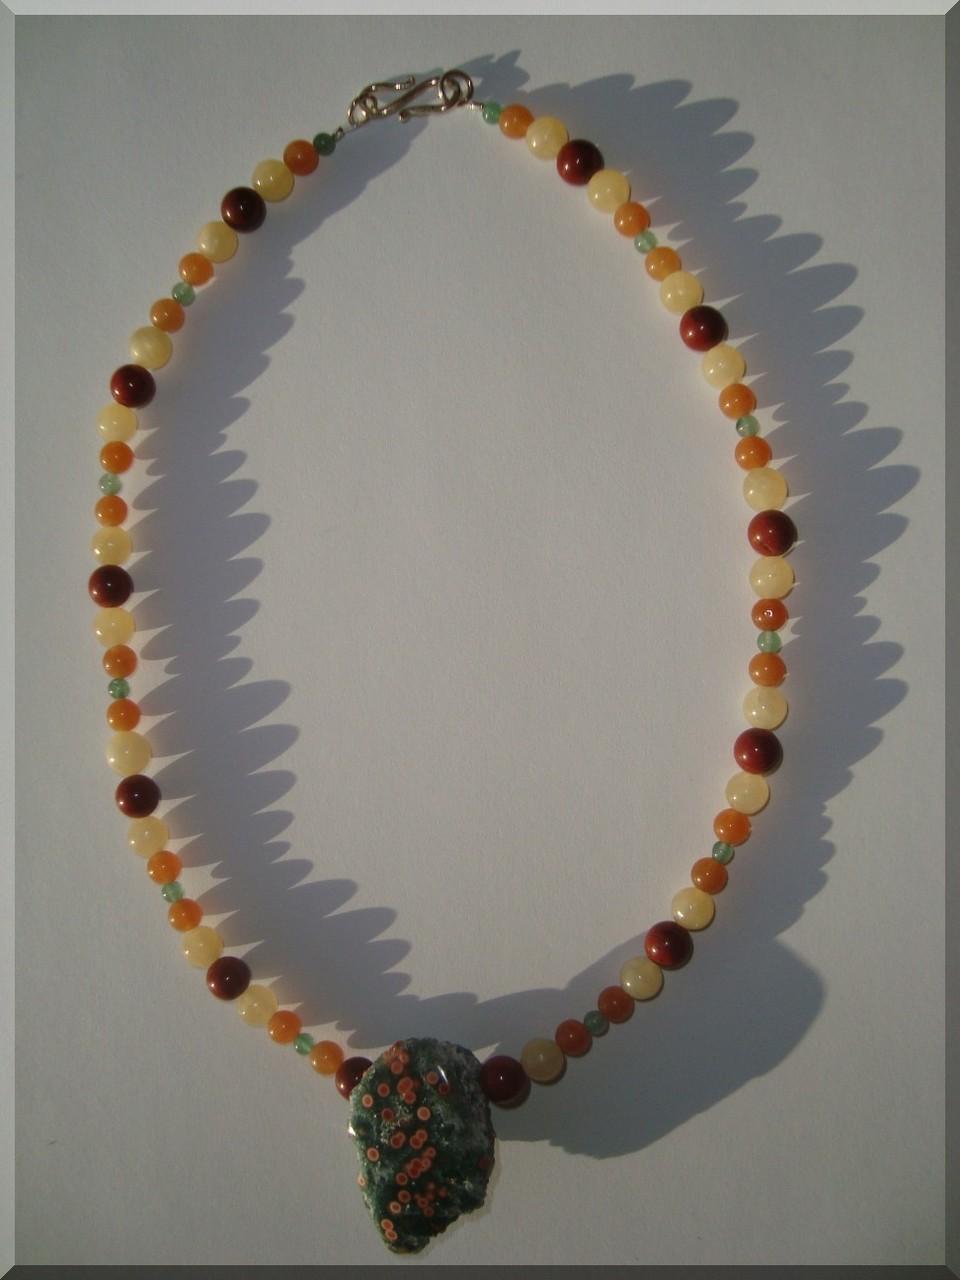 Edelstein Halskette mit Jaspis, Aventurin, Calcit.  Der Mittelstein ist ein Ozeanjaspis